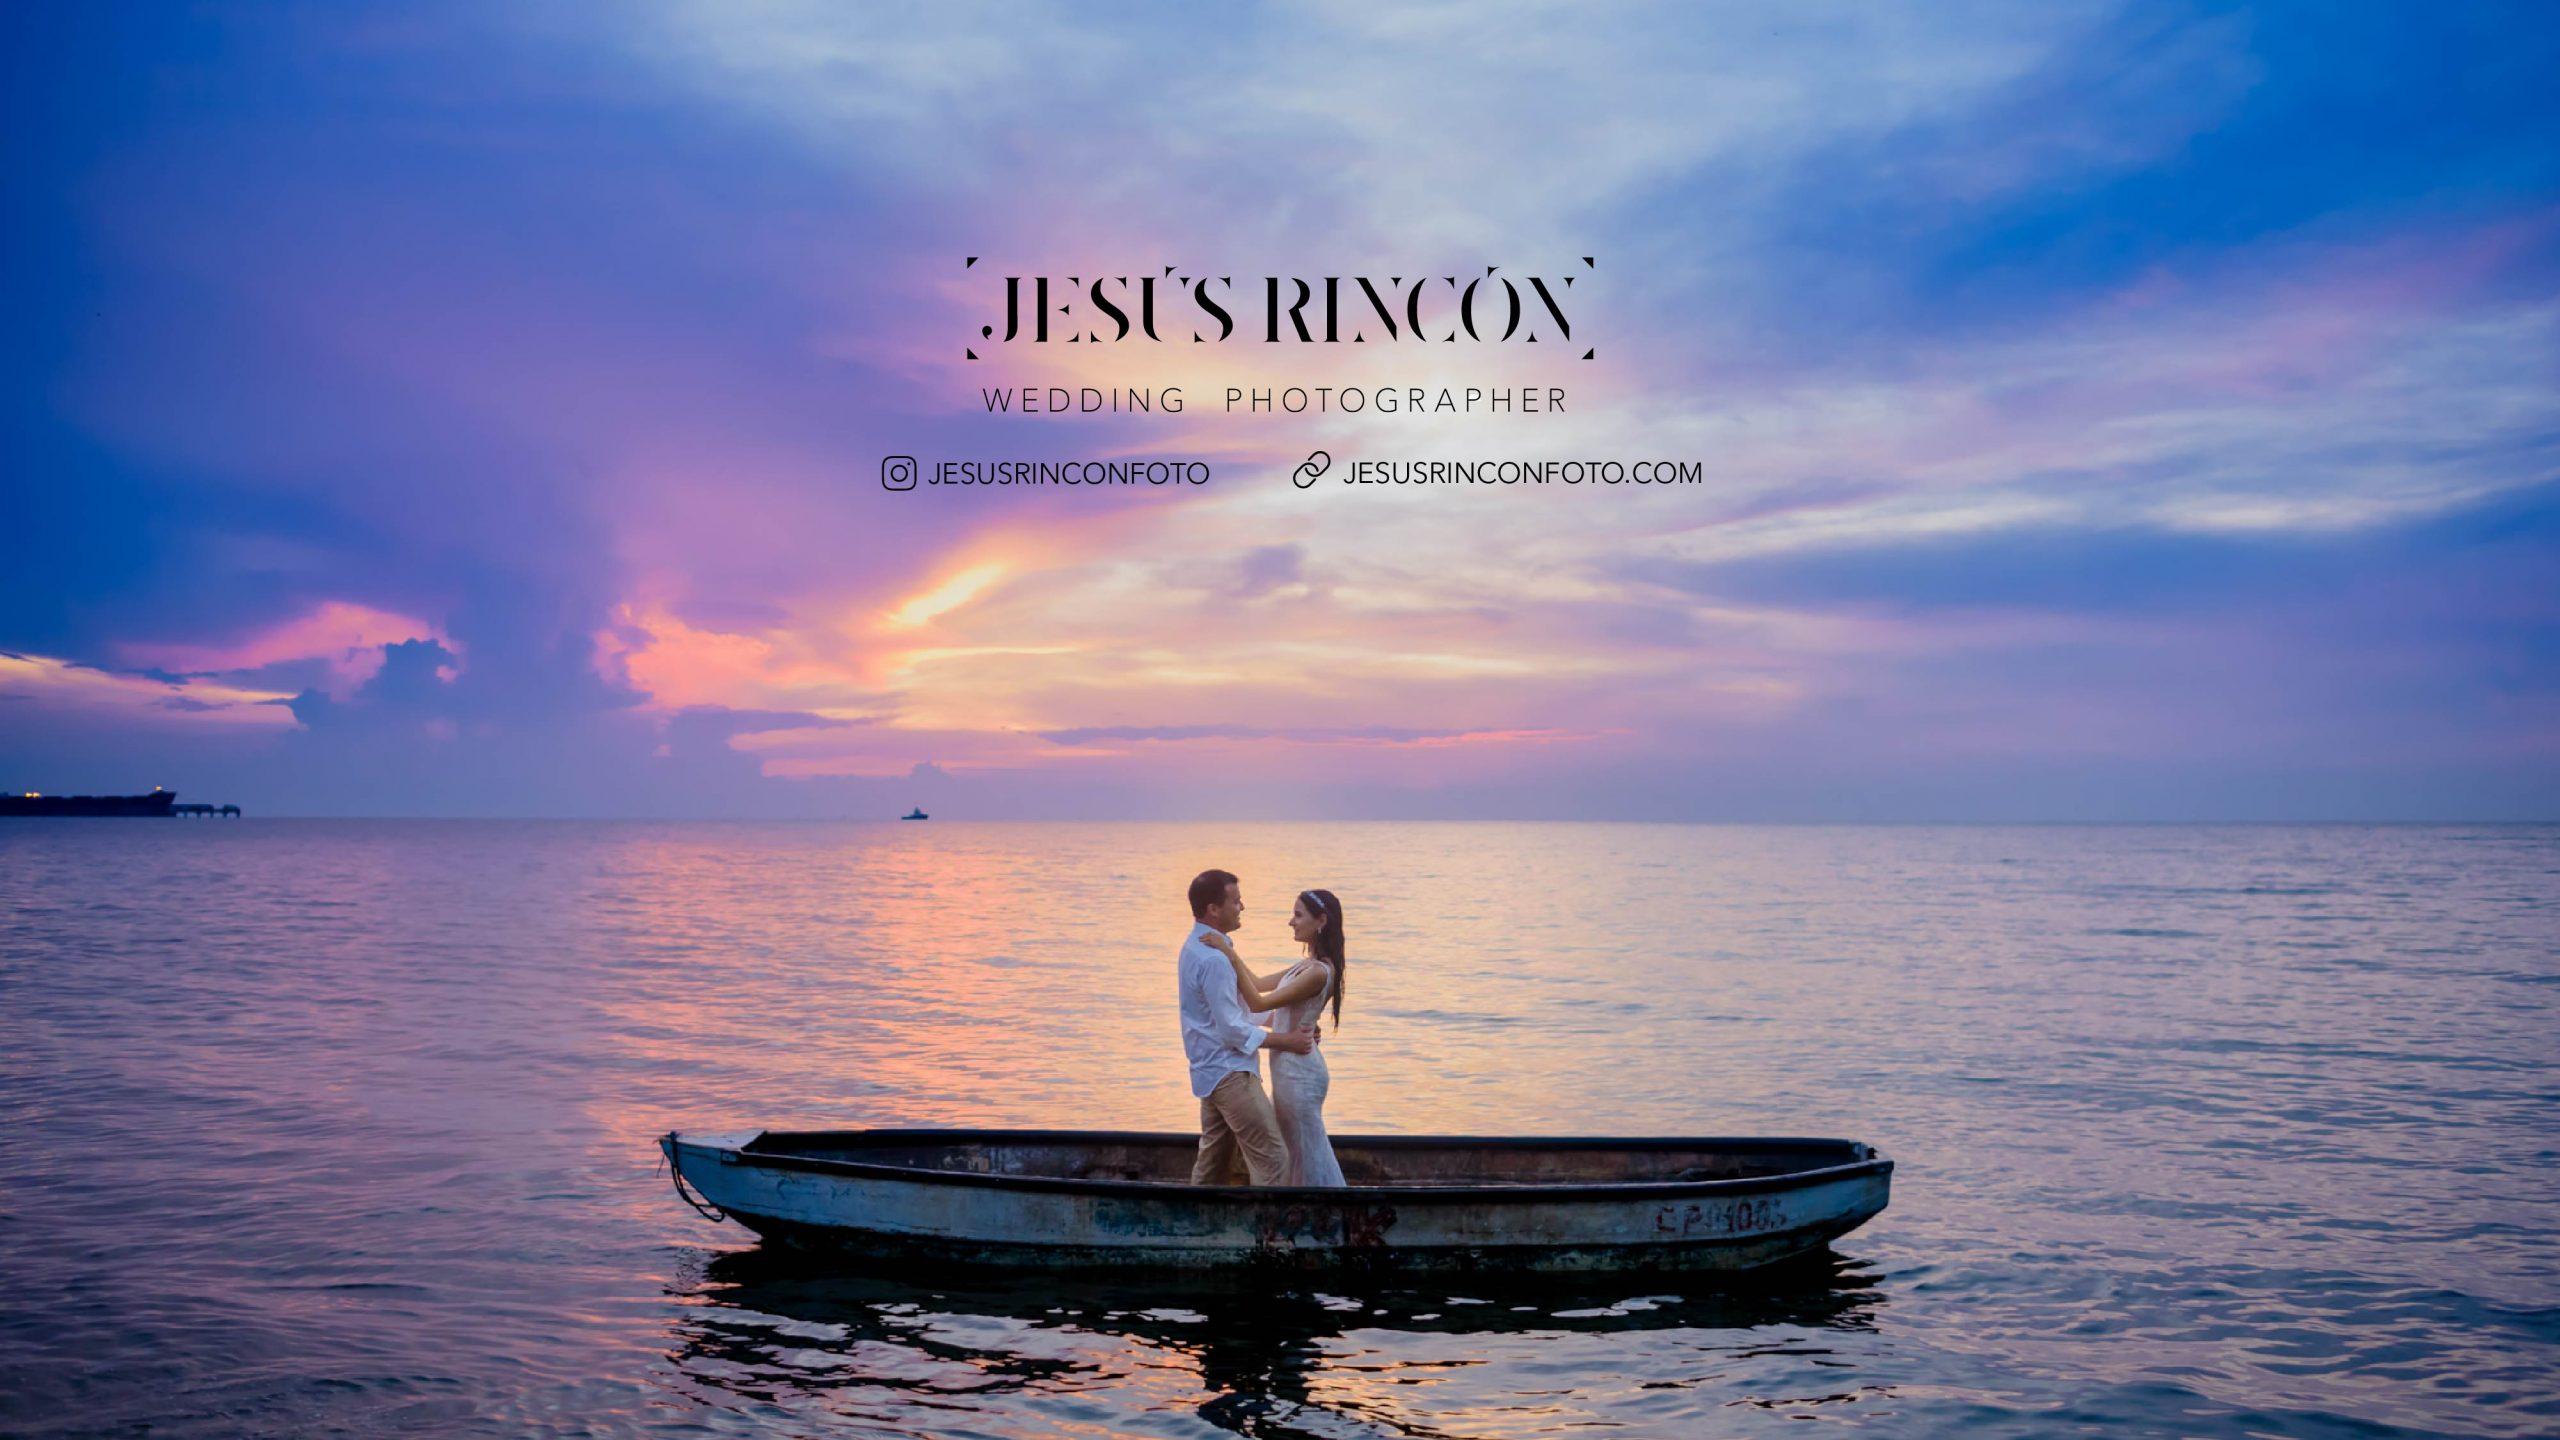 Jesus Rincon Fotografo de Bodas Wedding Photographer Santa Marta